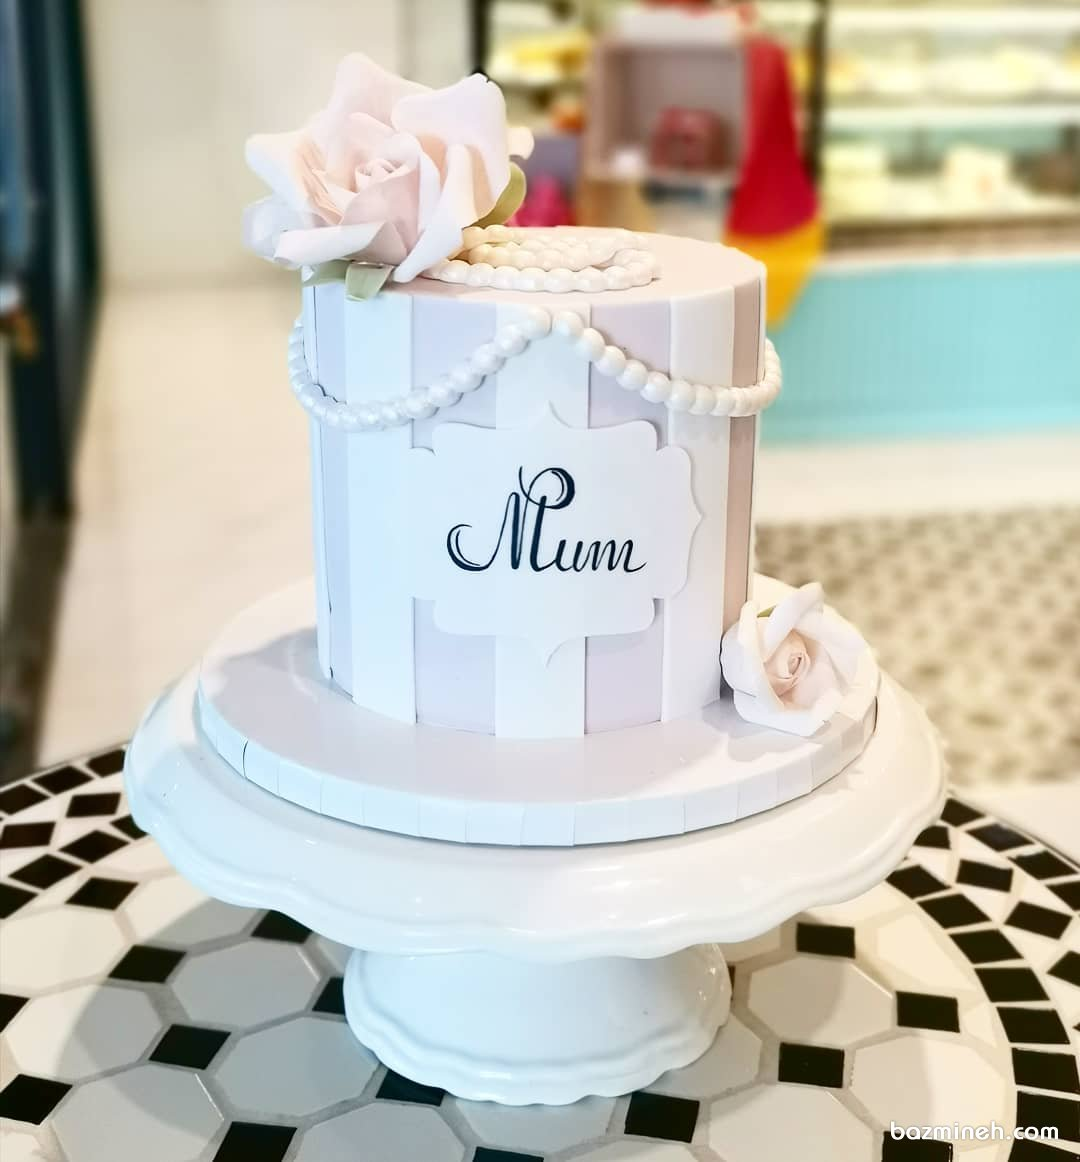 کیک فانتزی جشن تولد دخترونه تزیین شده با مرواریدهای خامهای و گلهای شکری صورتی